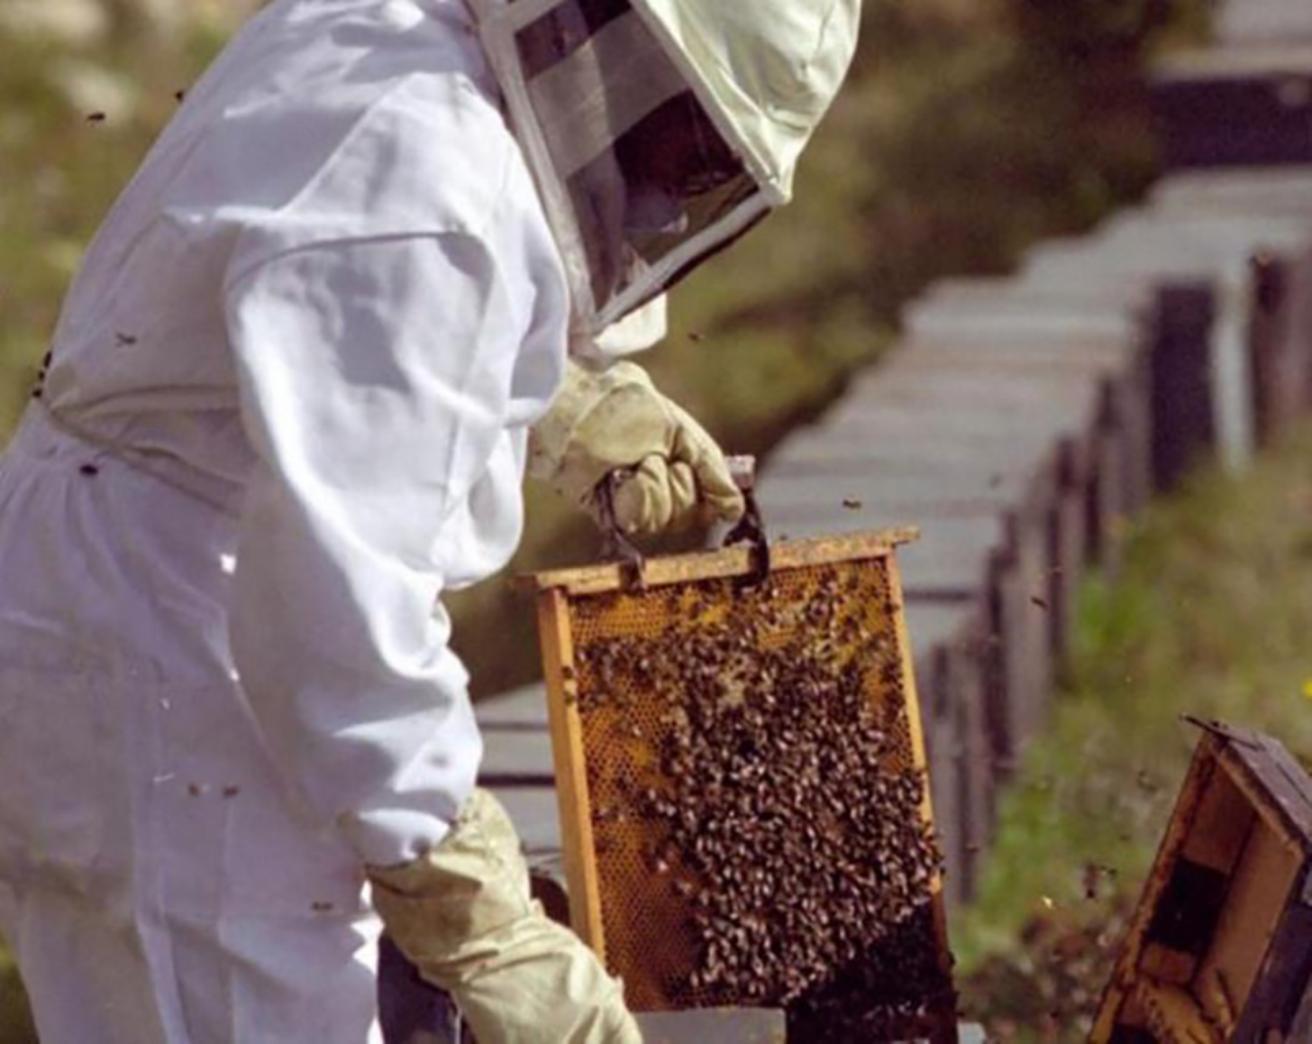 La cantidad y calidad de la miel depende de lo que hagamos hoy